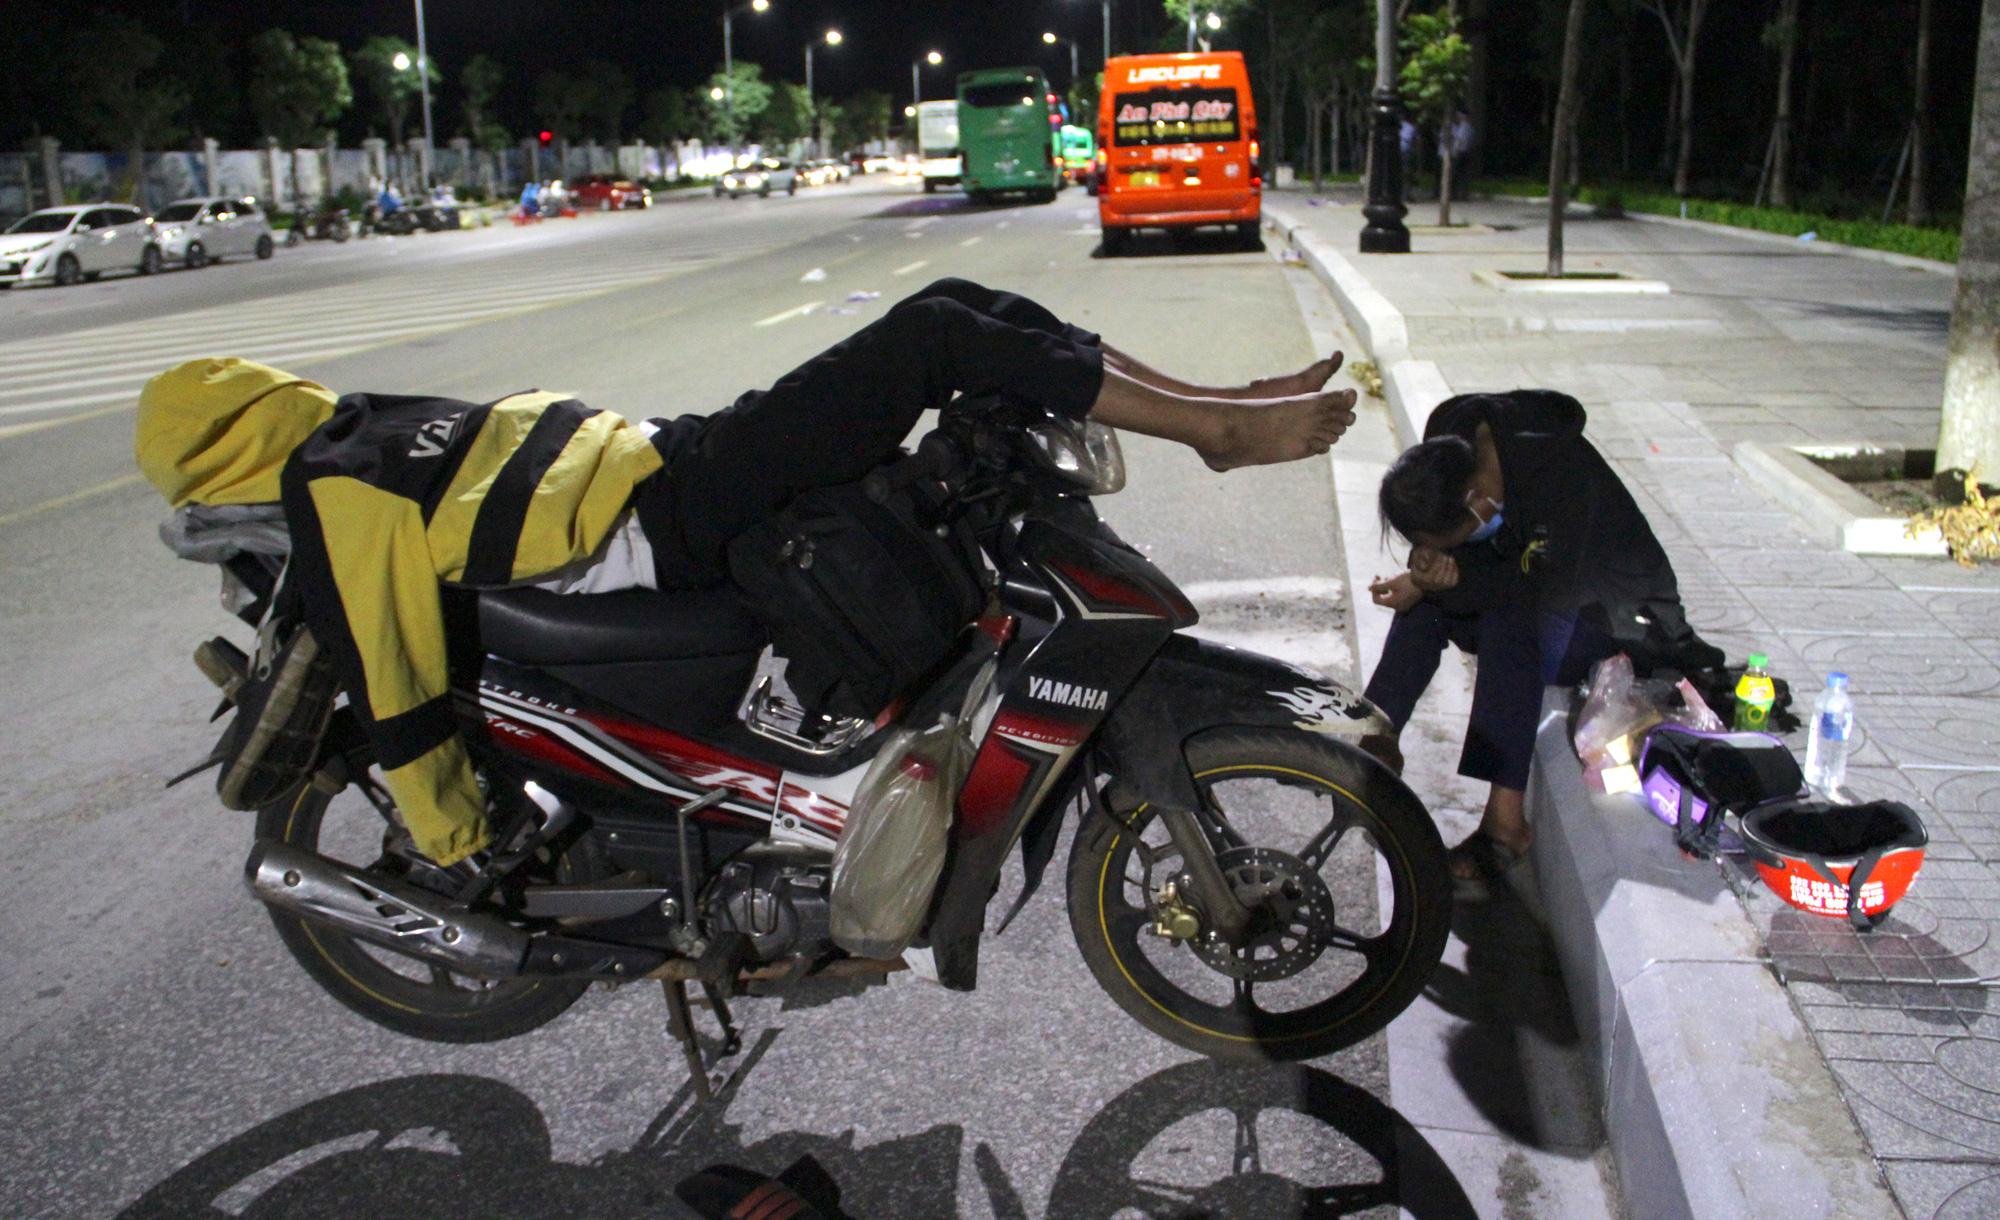 Thương cảnh người dân gục ở vỉa hè, ngủ trên xe máy trong hành trình vượt cả nghìn km về quê trốn dịch Covid-19 - Ảnh 9.